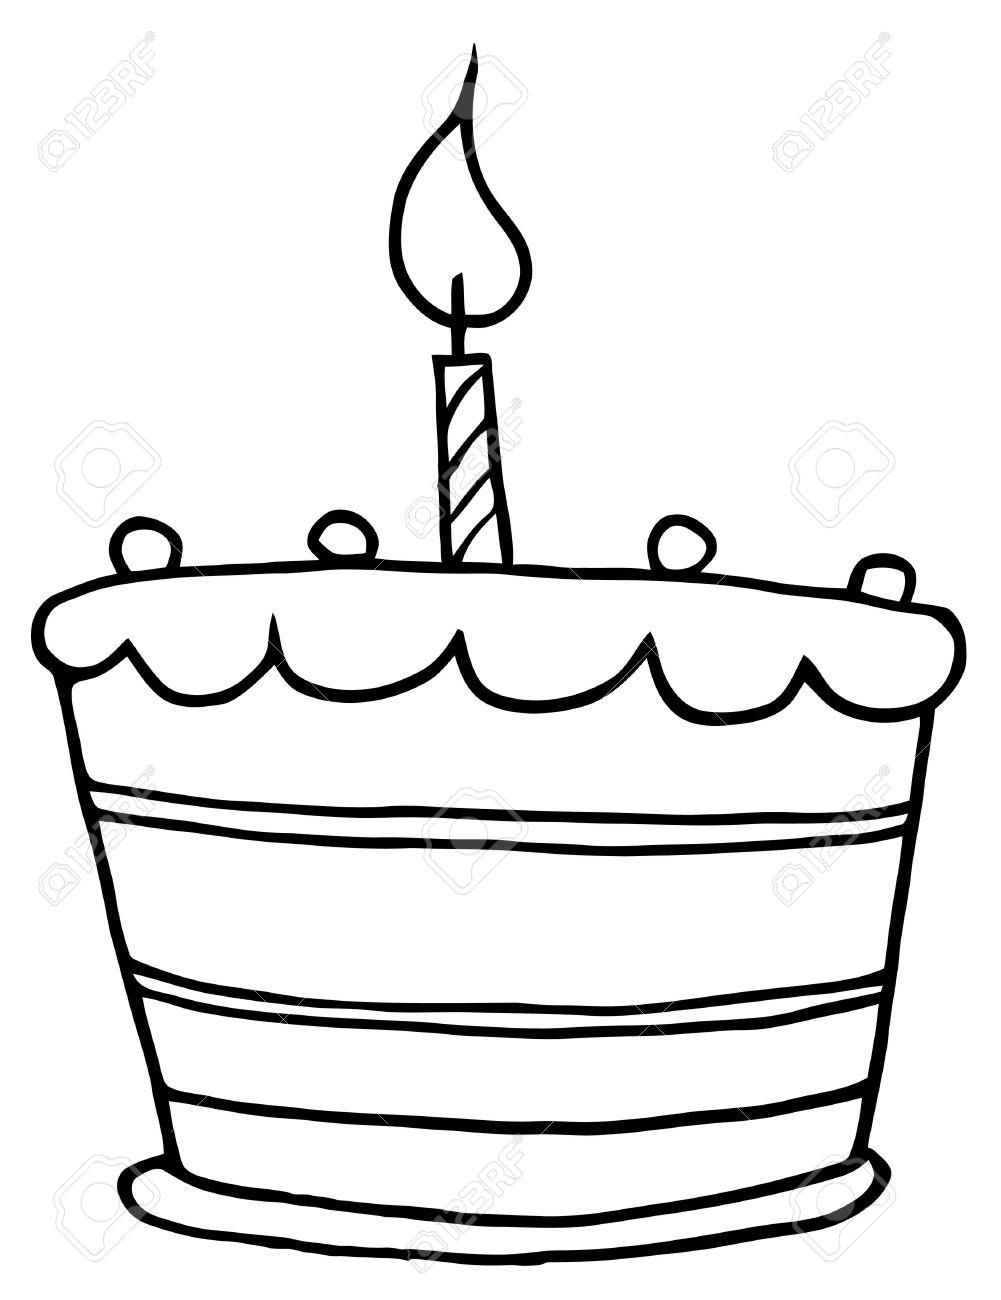 Vistoso Página Para Colorear Torta De Cumpleaños Friso - Dibujos ...